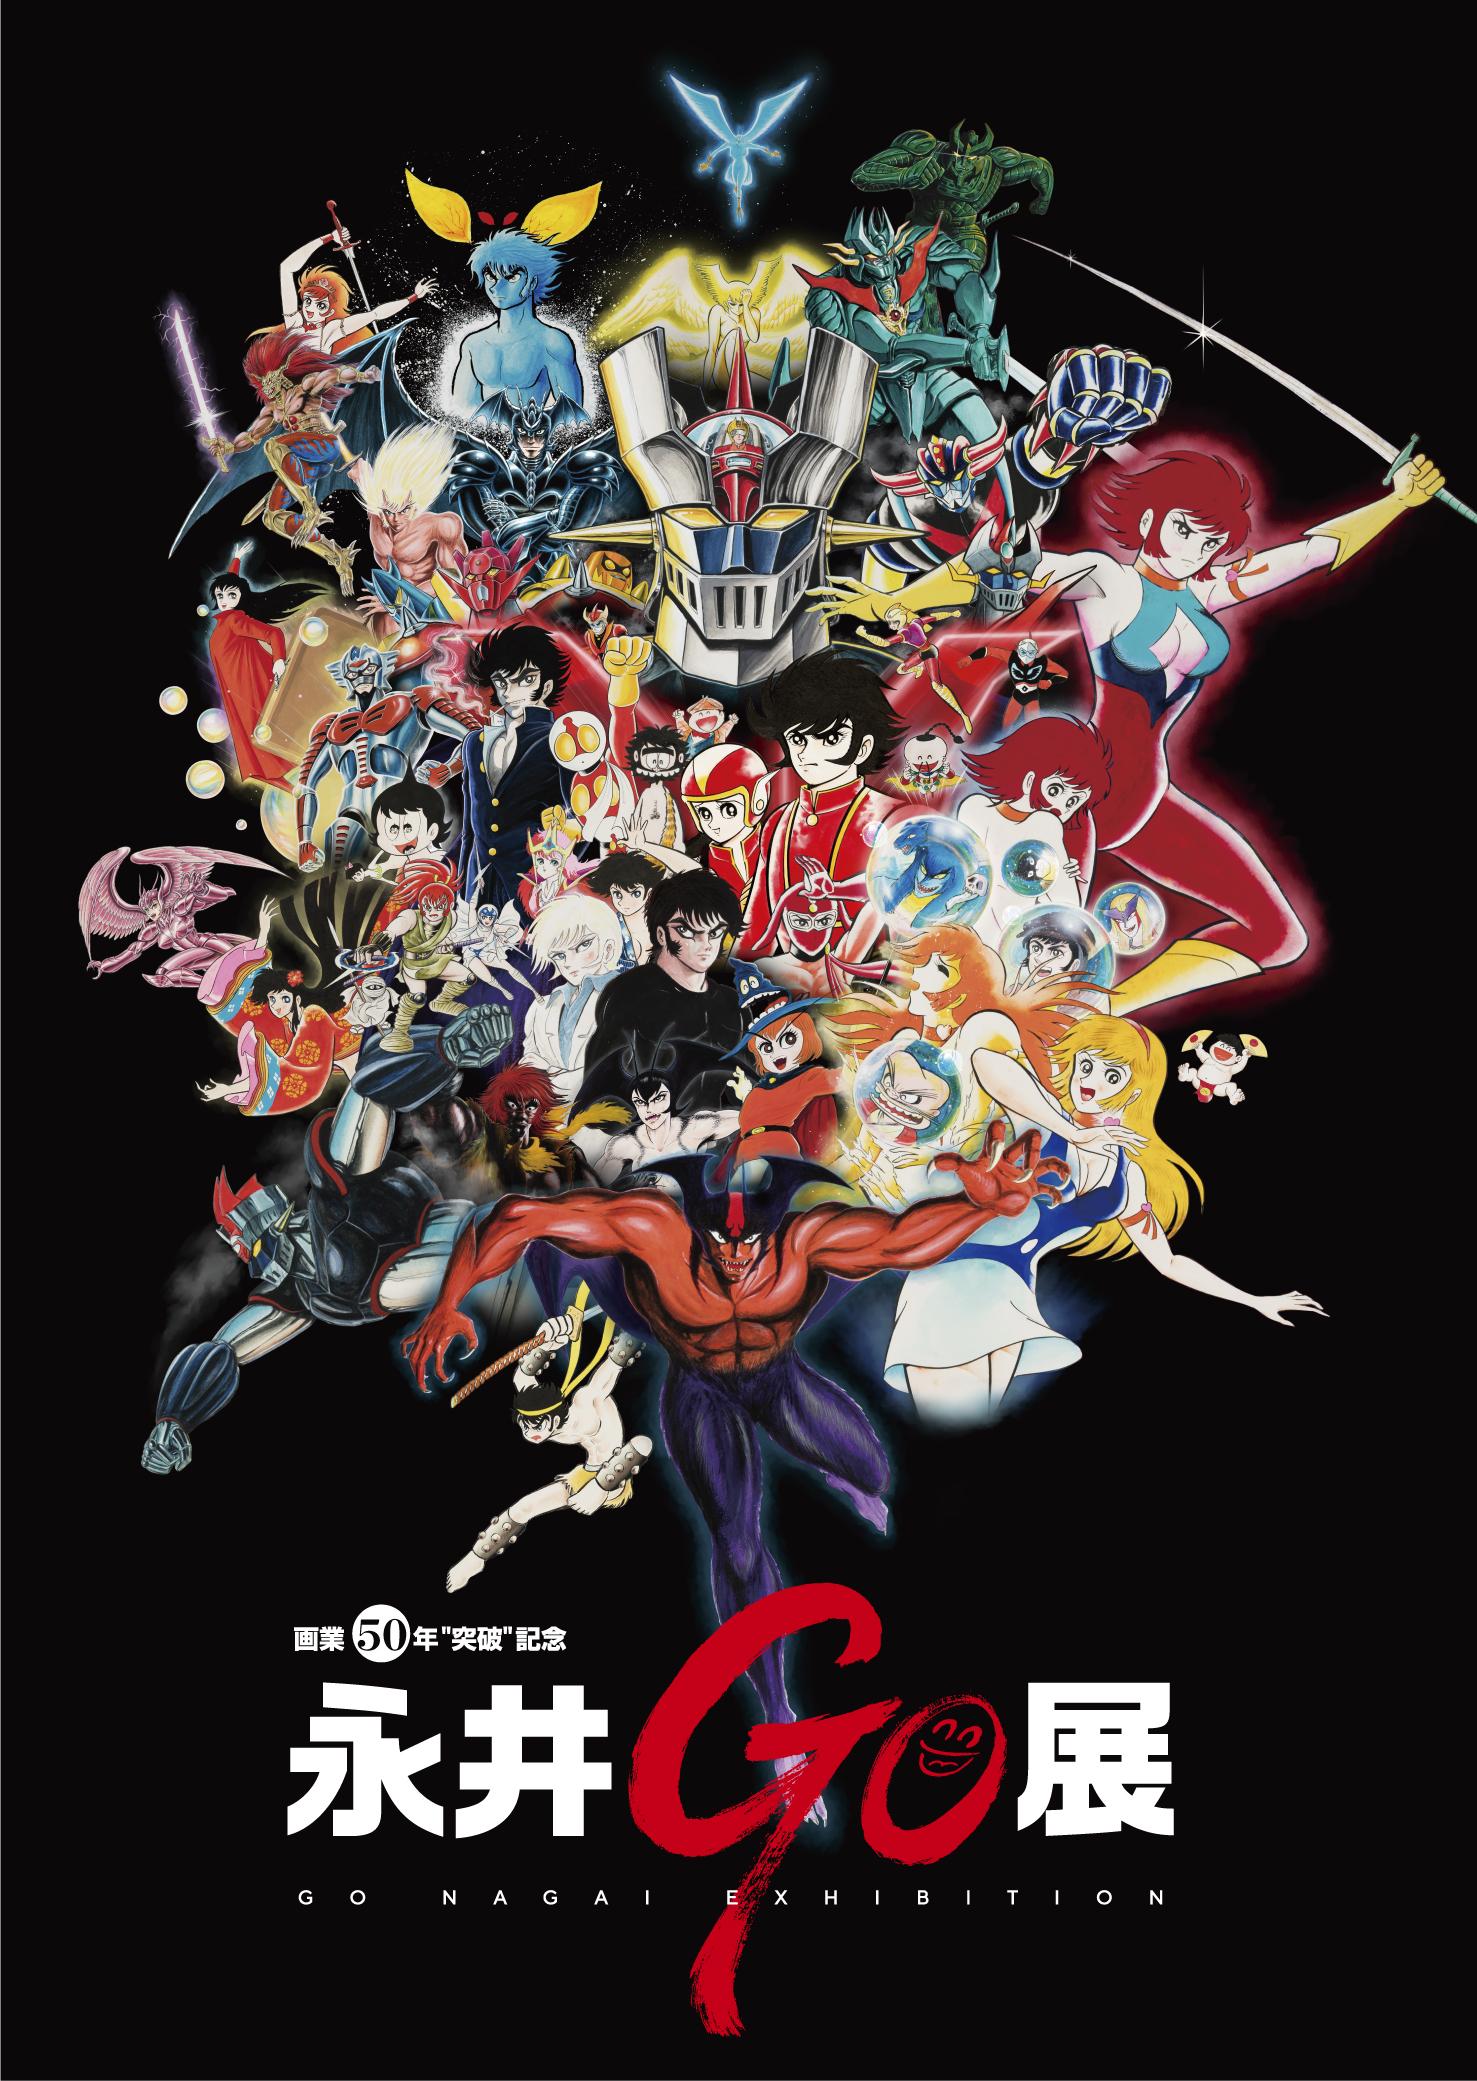 展覧会メインビジュアル (C)1967 -2018 Go Nagai / Dynamic Production